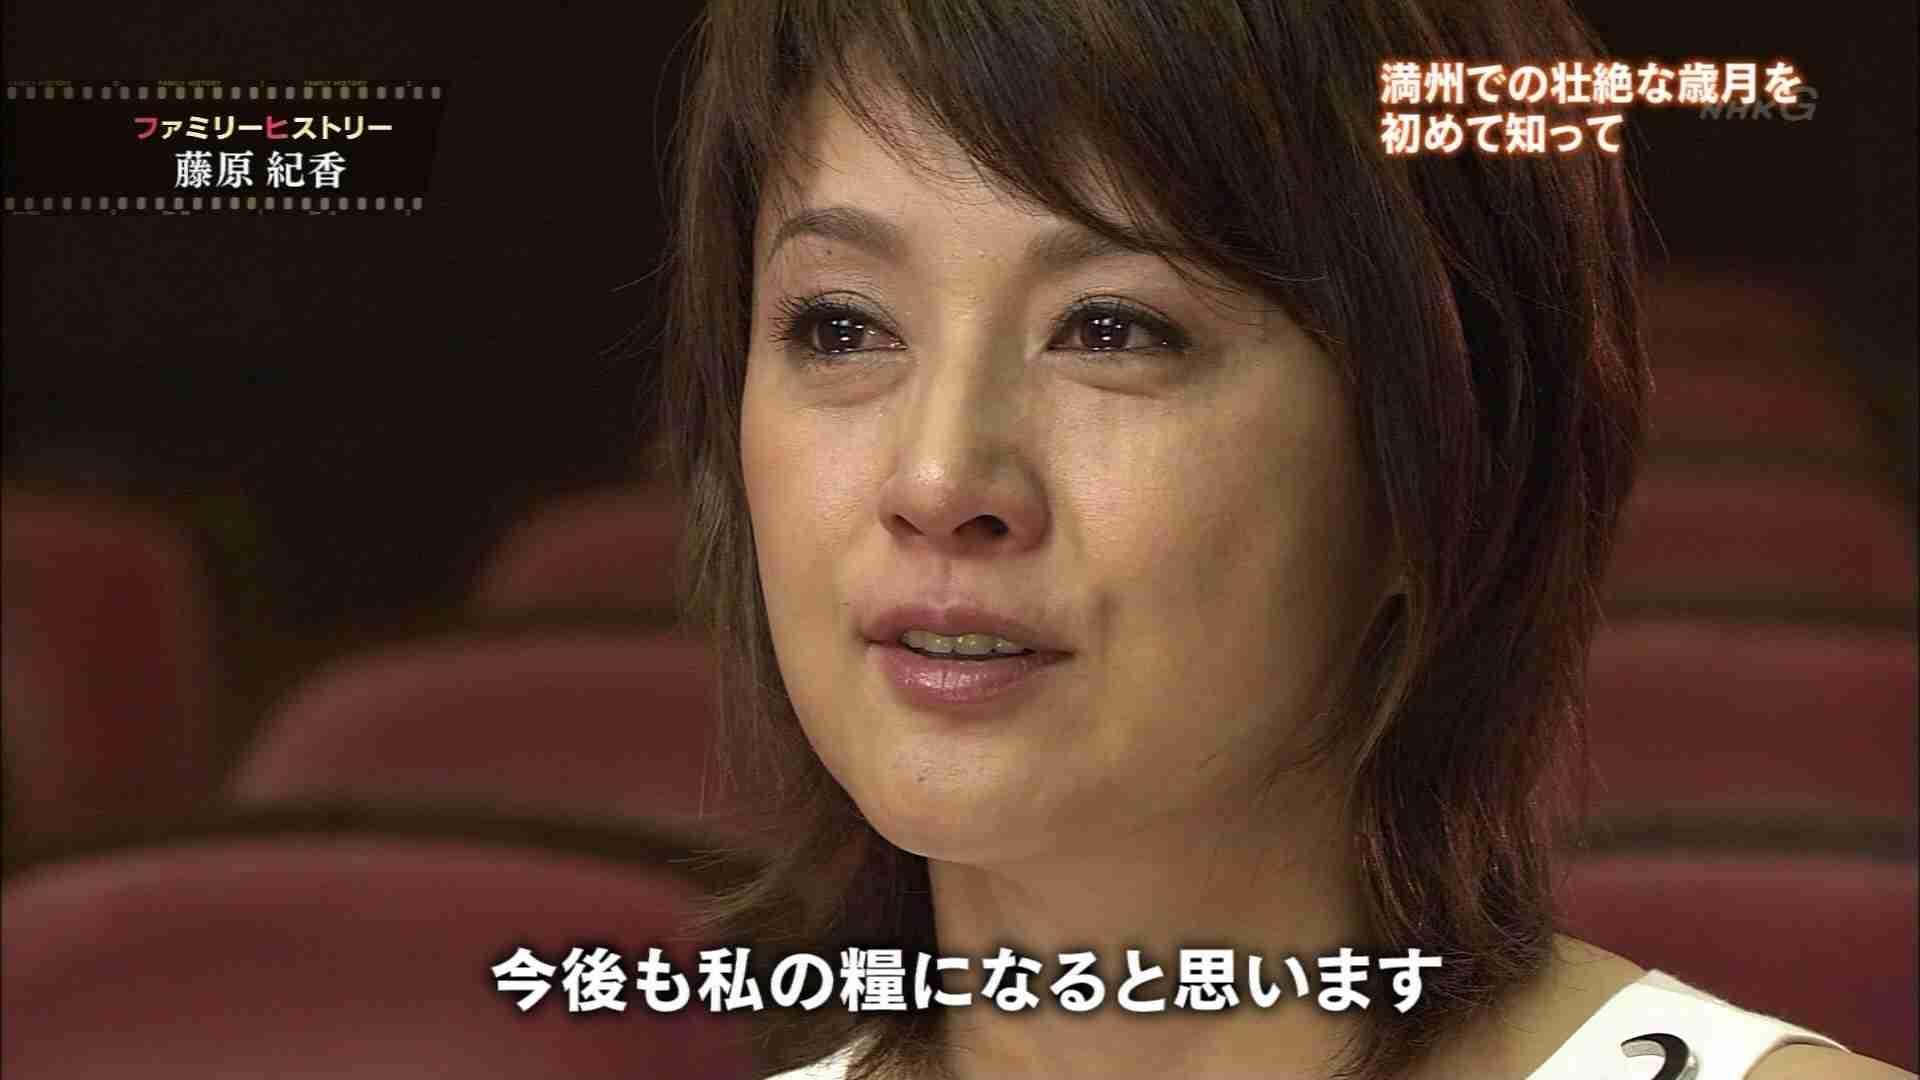 藤原紀香、アップのすっぴん公開!「美しすぎる」とファン絶賛